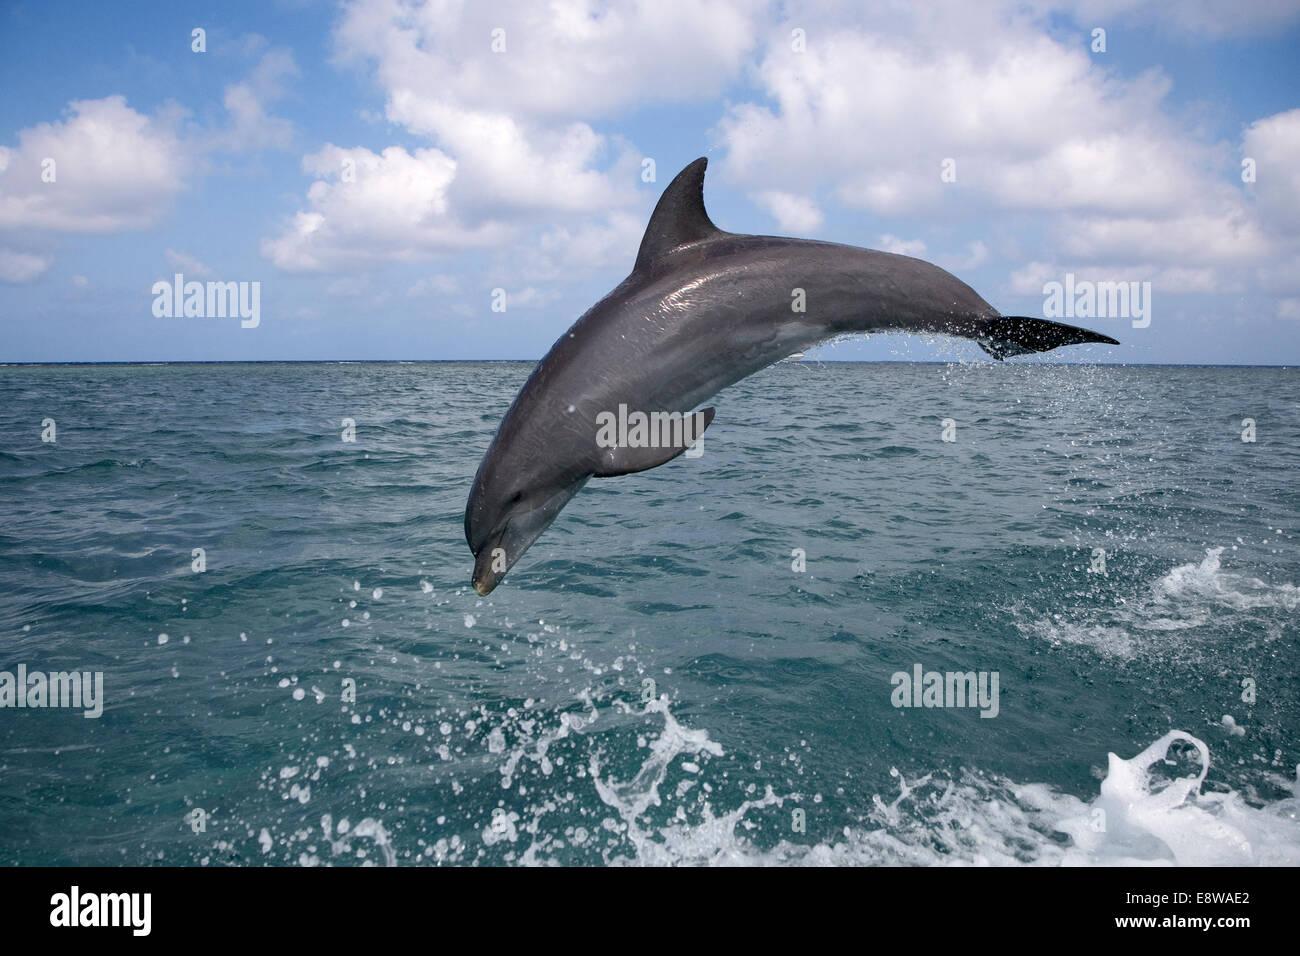 Bottle-nosed Dolphin - Tursiops truncatus - Stock Image